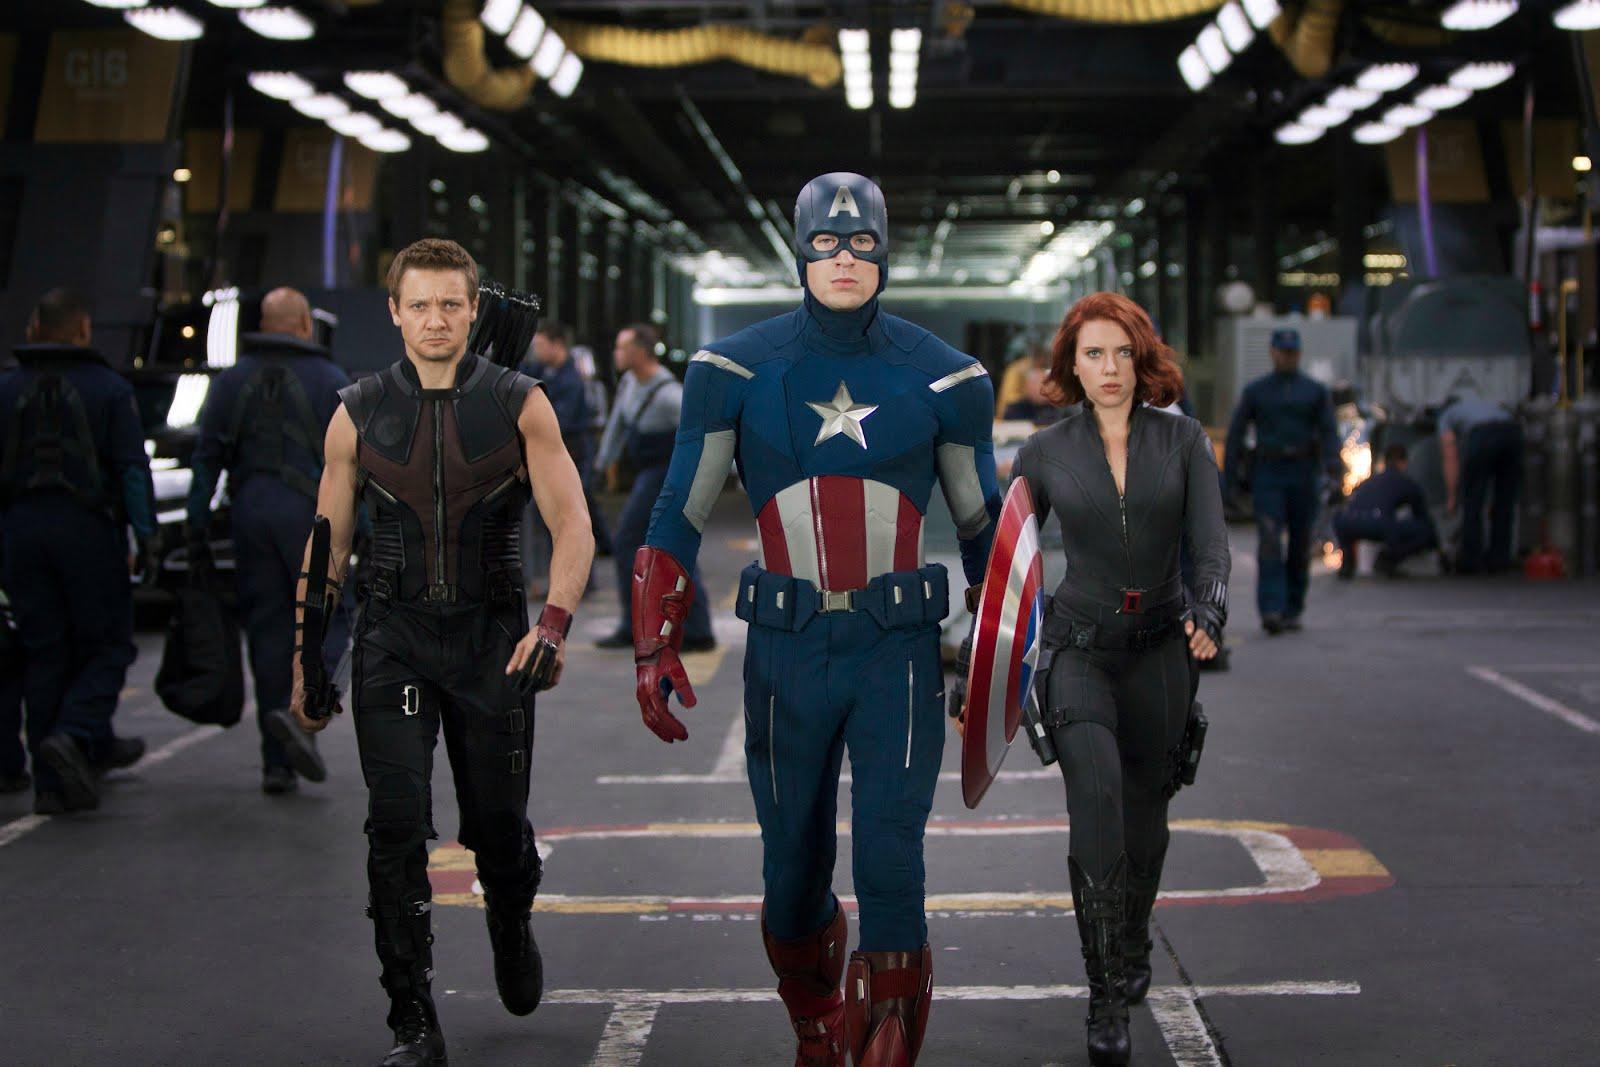 http://3.bp.blogspot.com/-TY4RipIL-8A/T0UoZiFx8nI/AAAAAAAAQI0/C1fm6LU8sJ0/s1600/avengers-hawkeye-captain-america-black-widow-jeremy-renner-chris-evans-scarlett-johansson.jpg